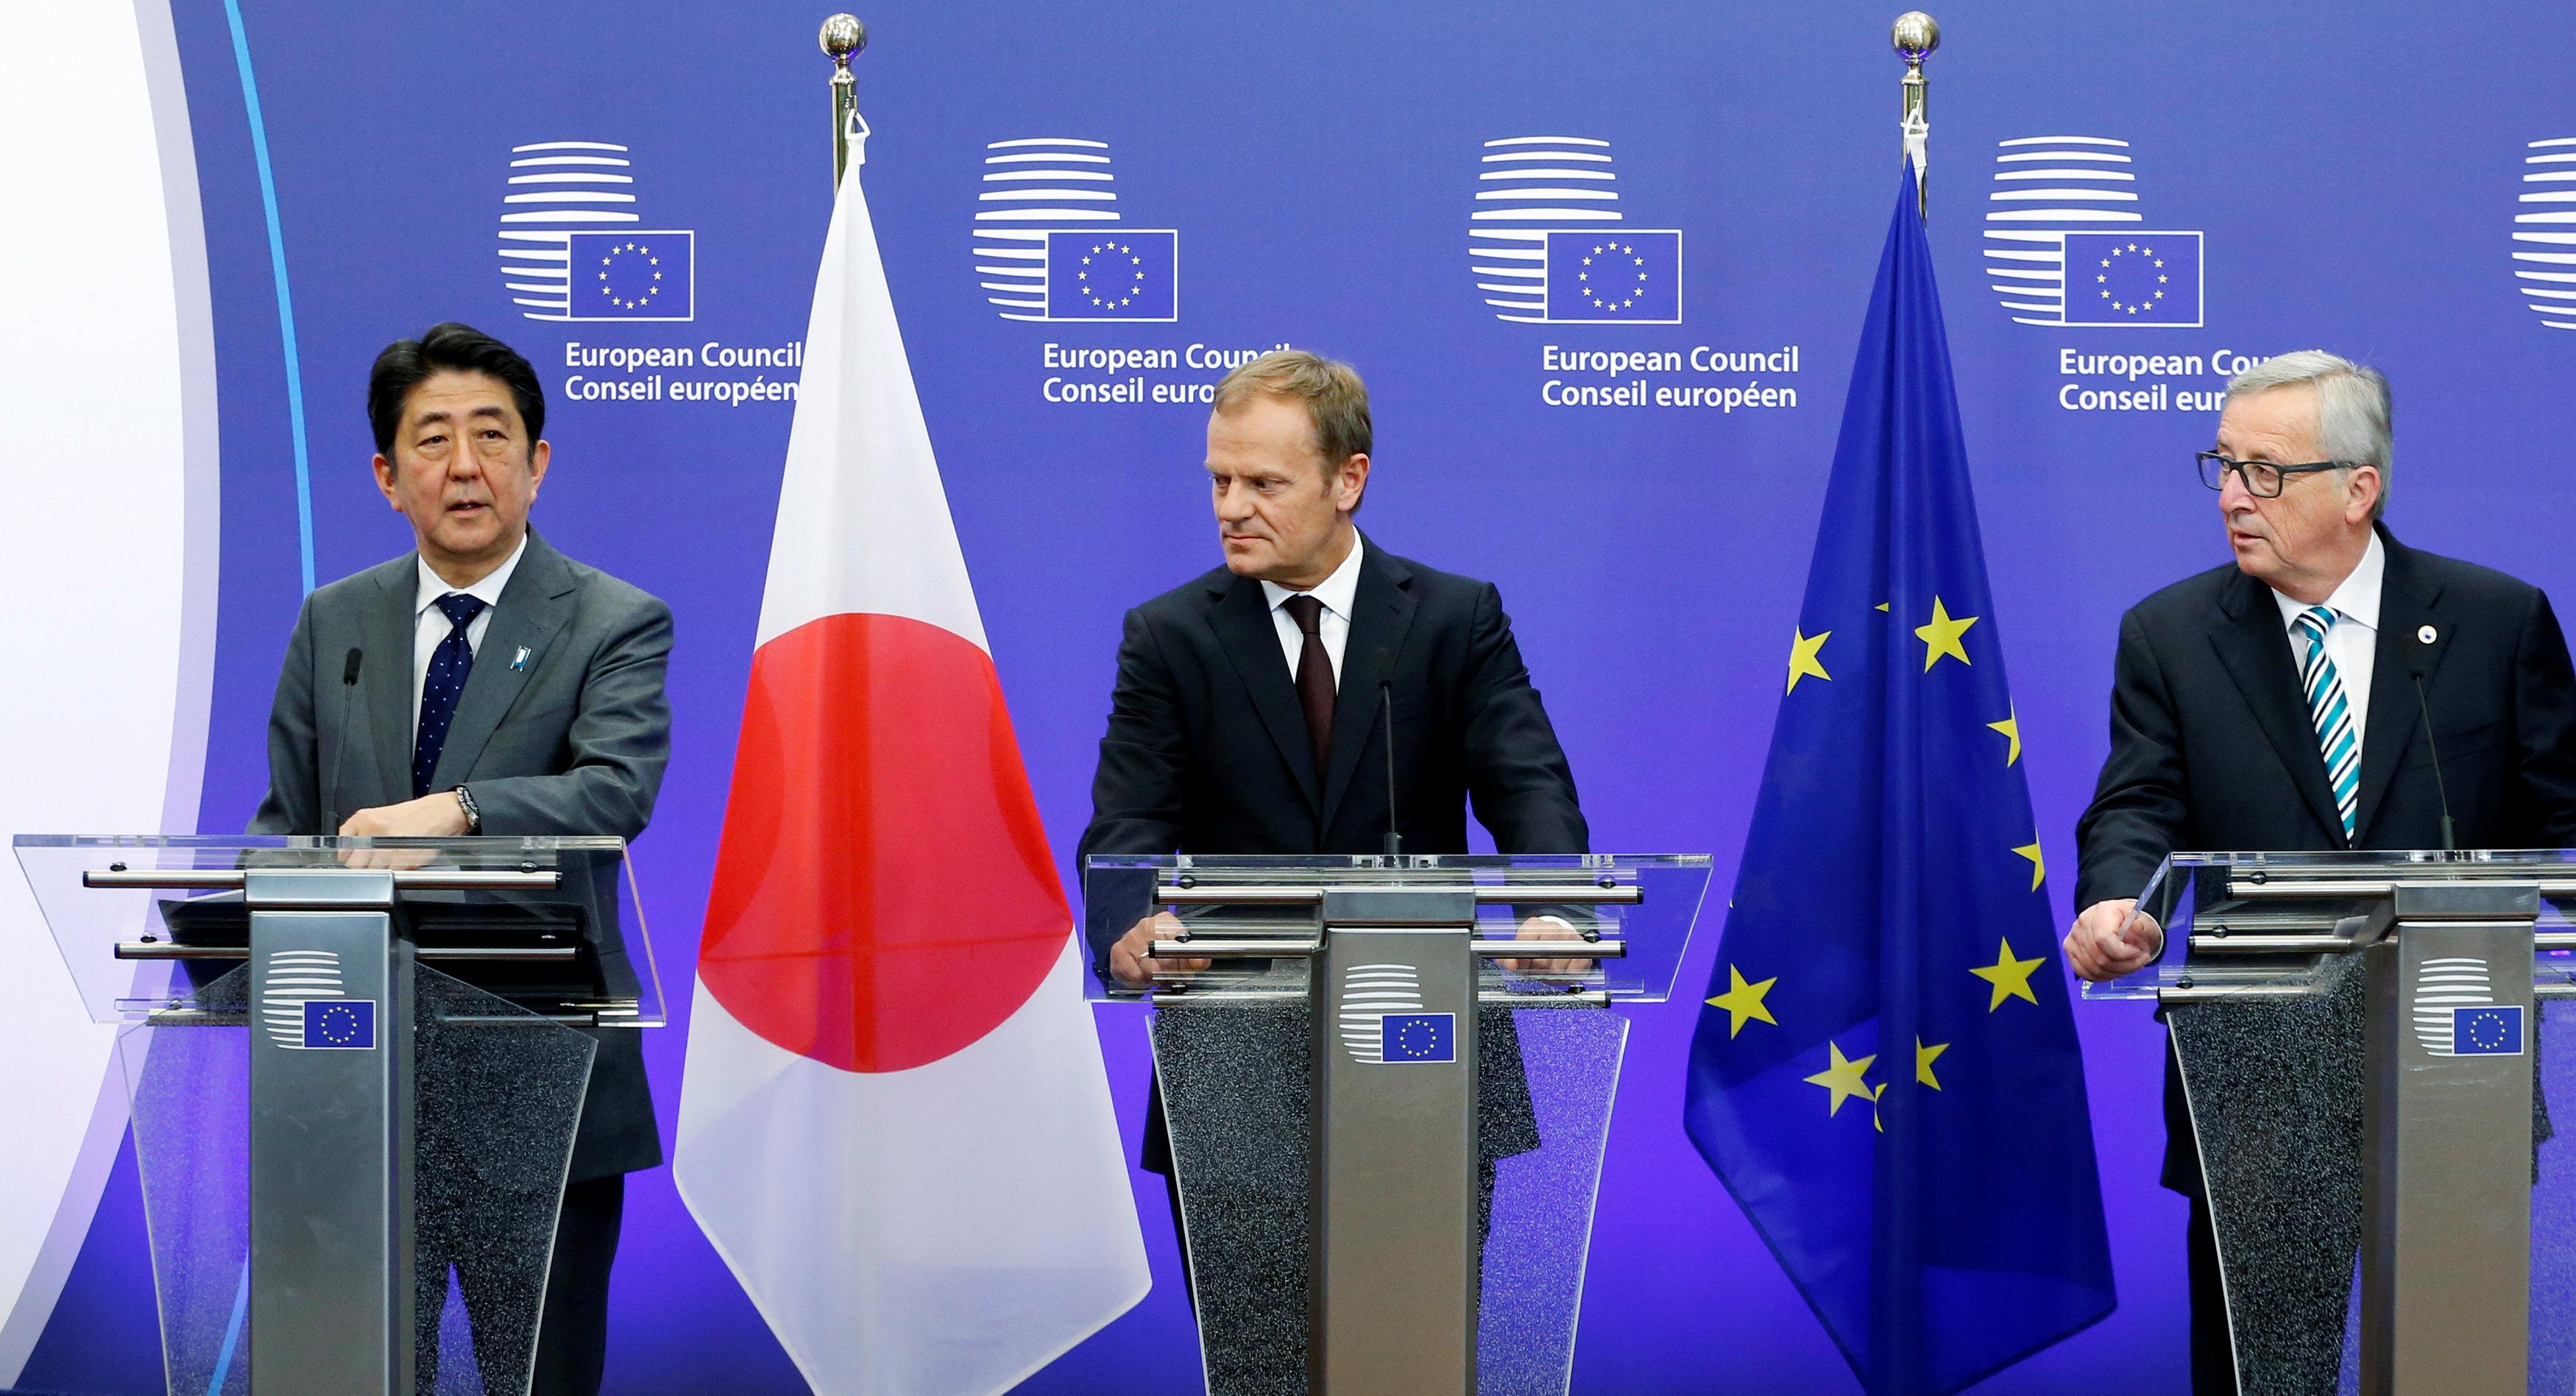 از «اعتبار ۸۰ میلیارد دلاری اروپایی برای SMEها پس از پیشنهاد دکتر ظریف» تا «جزئیات توافق نامه تجارت آزاد ژاپن و اتحادیه اروپا»